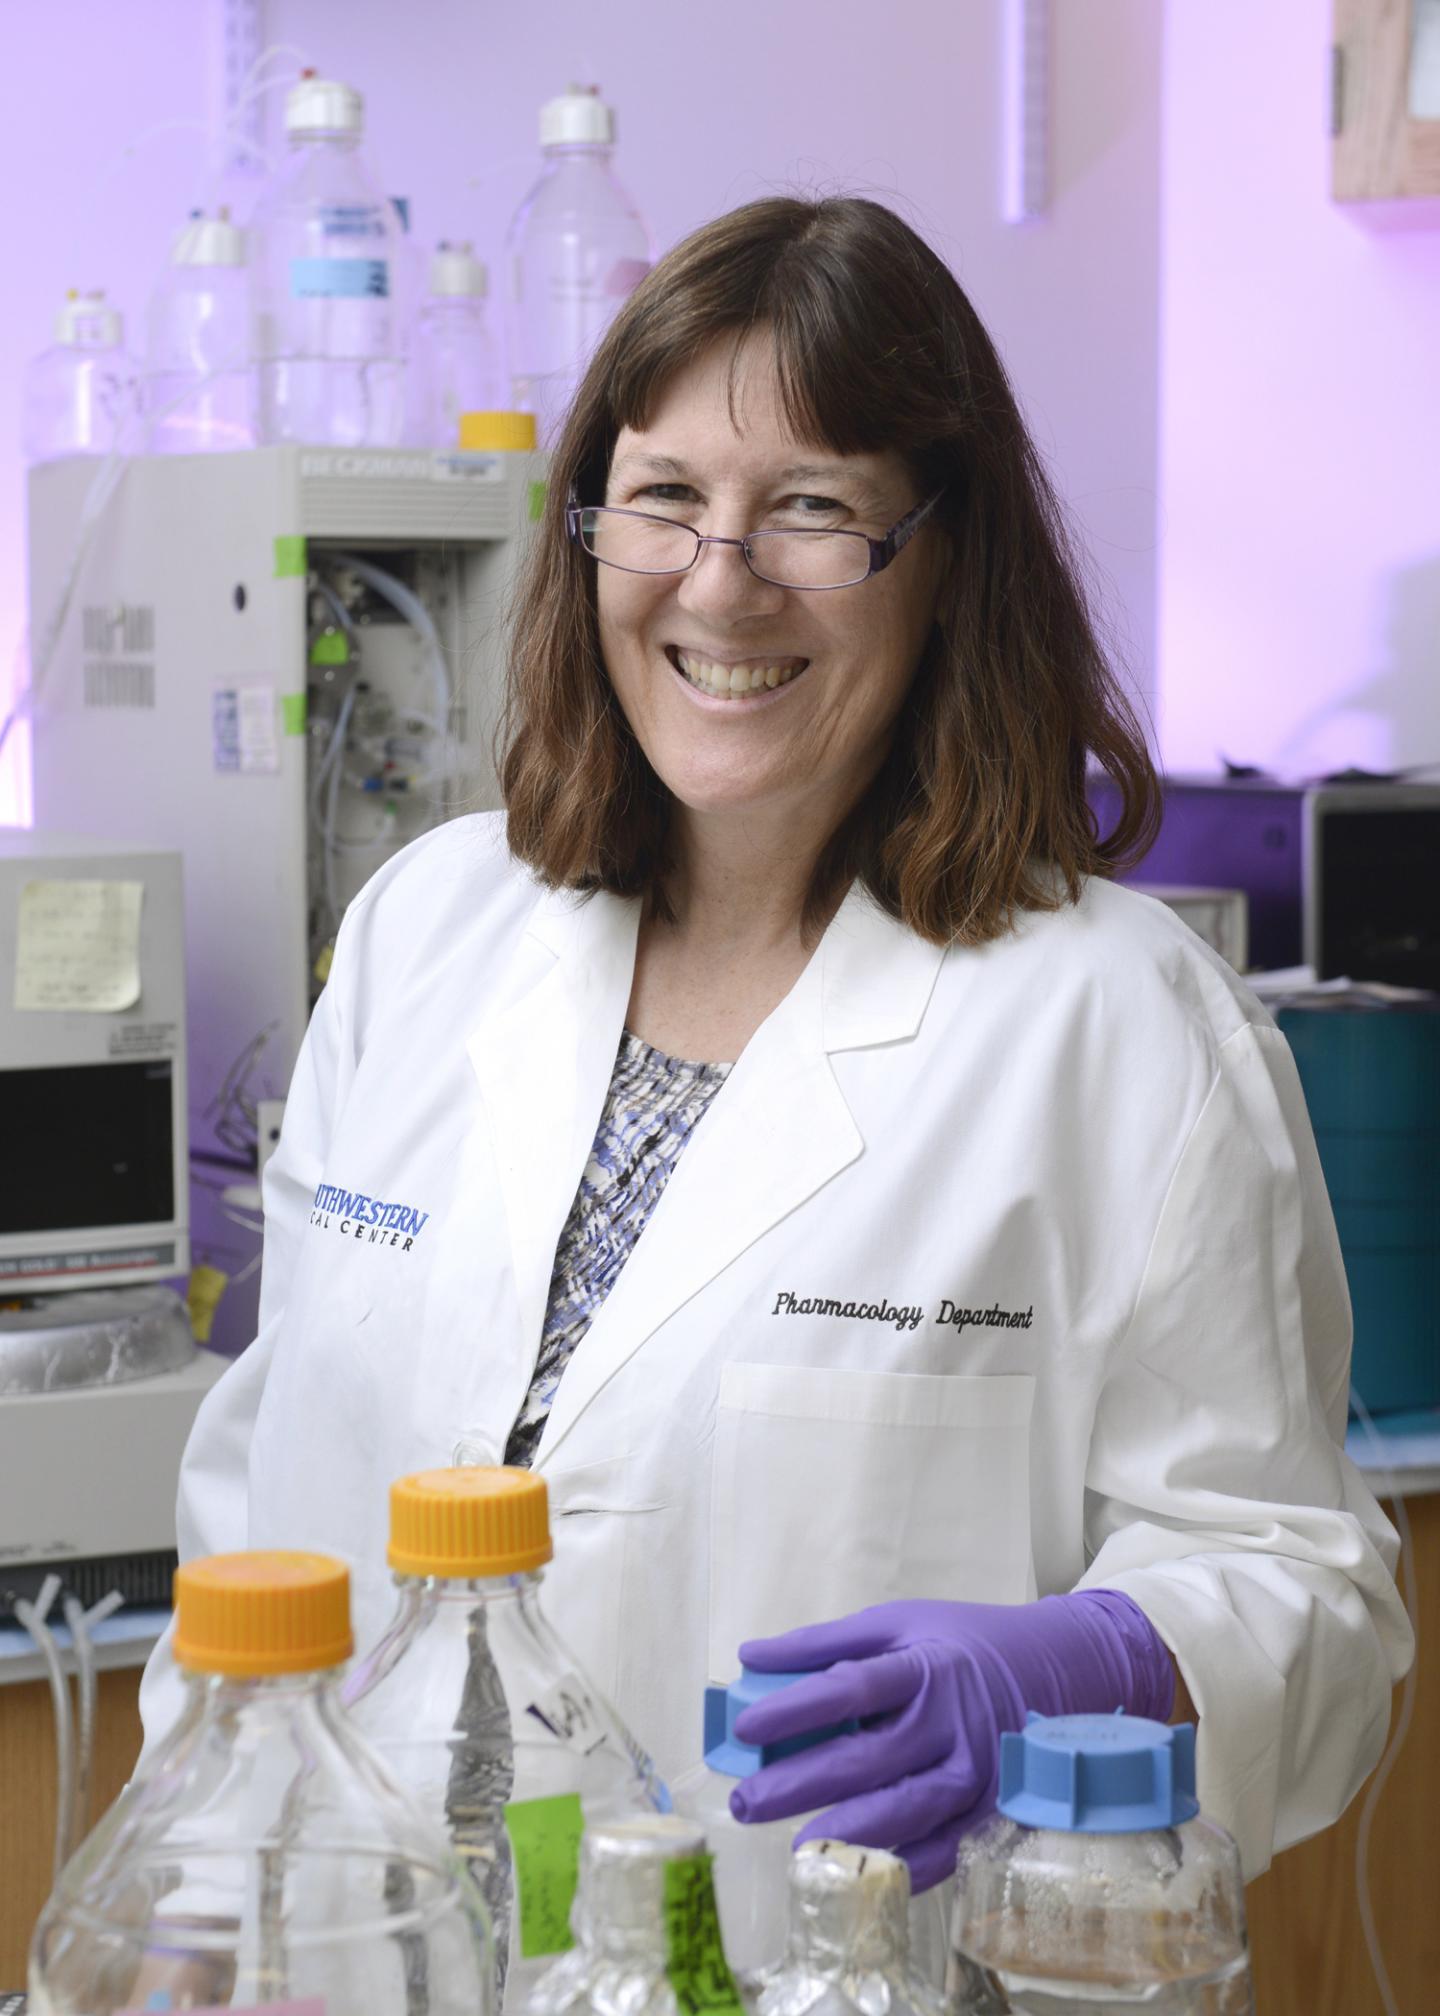 Dr. Margaret Phillips, UT Southwestern Medical Center